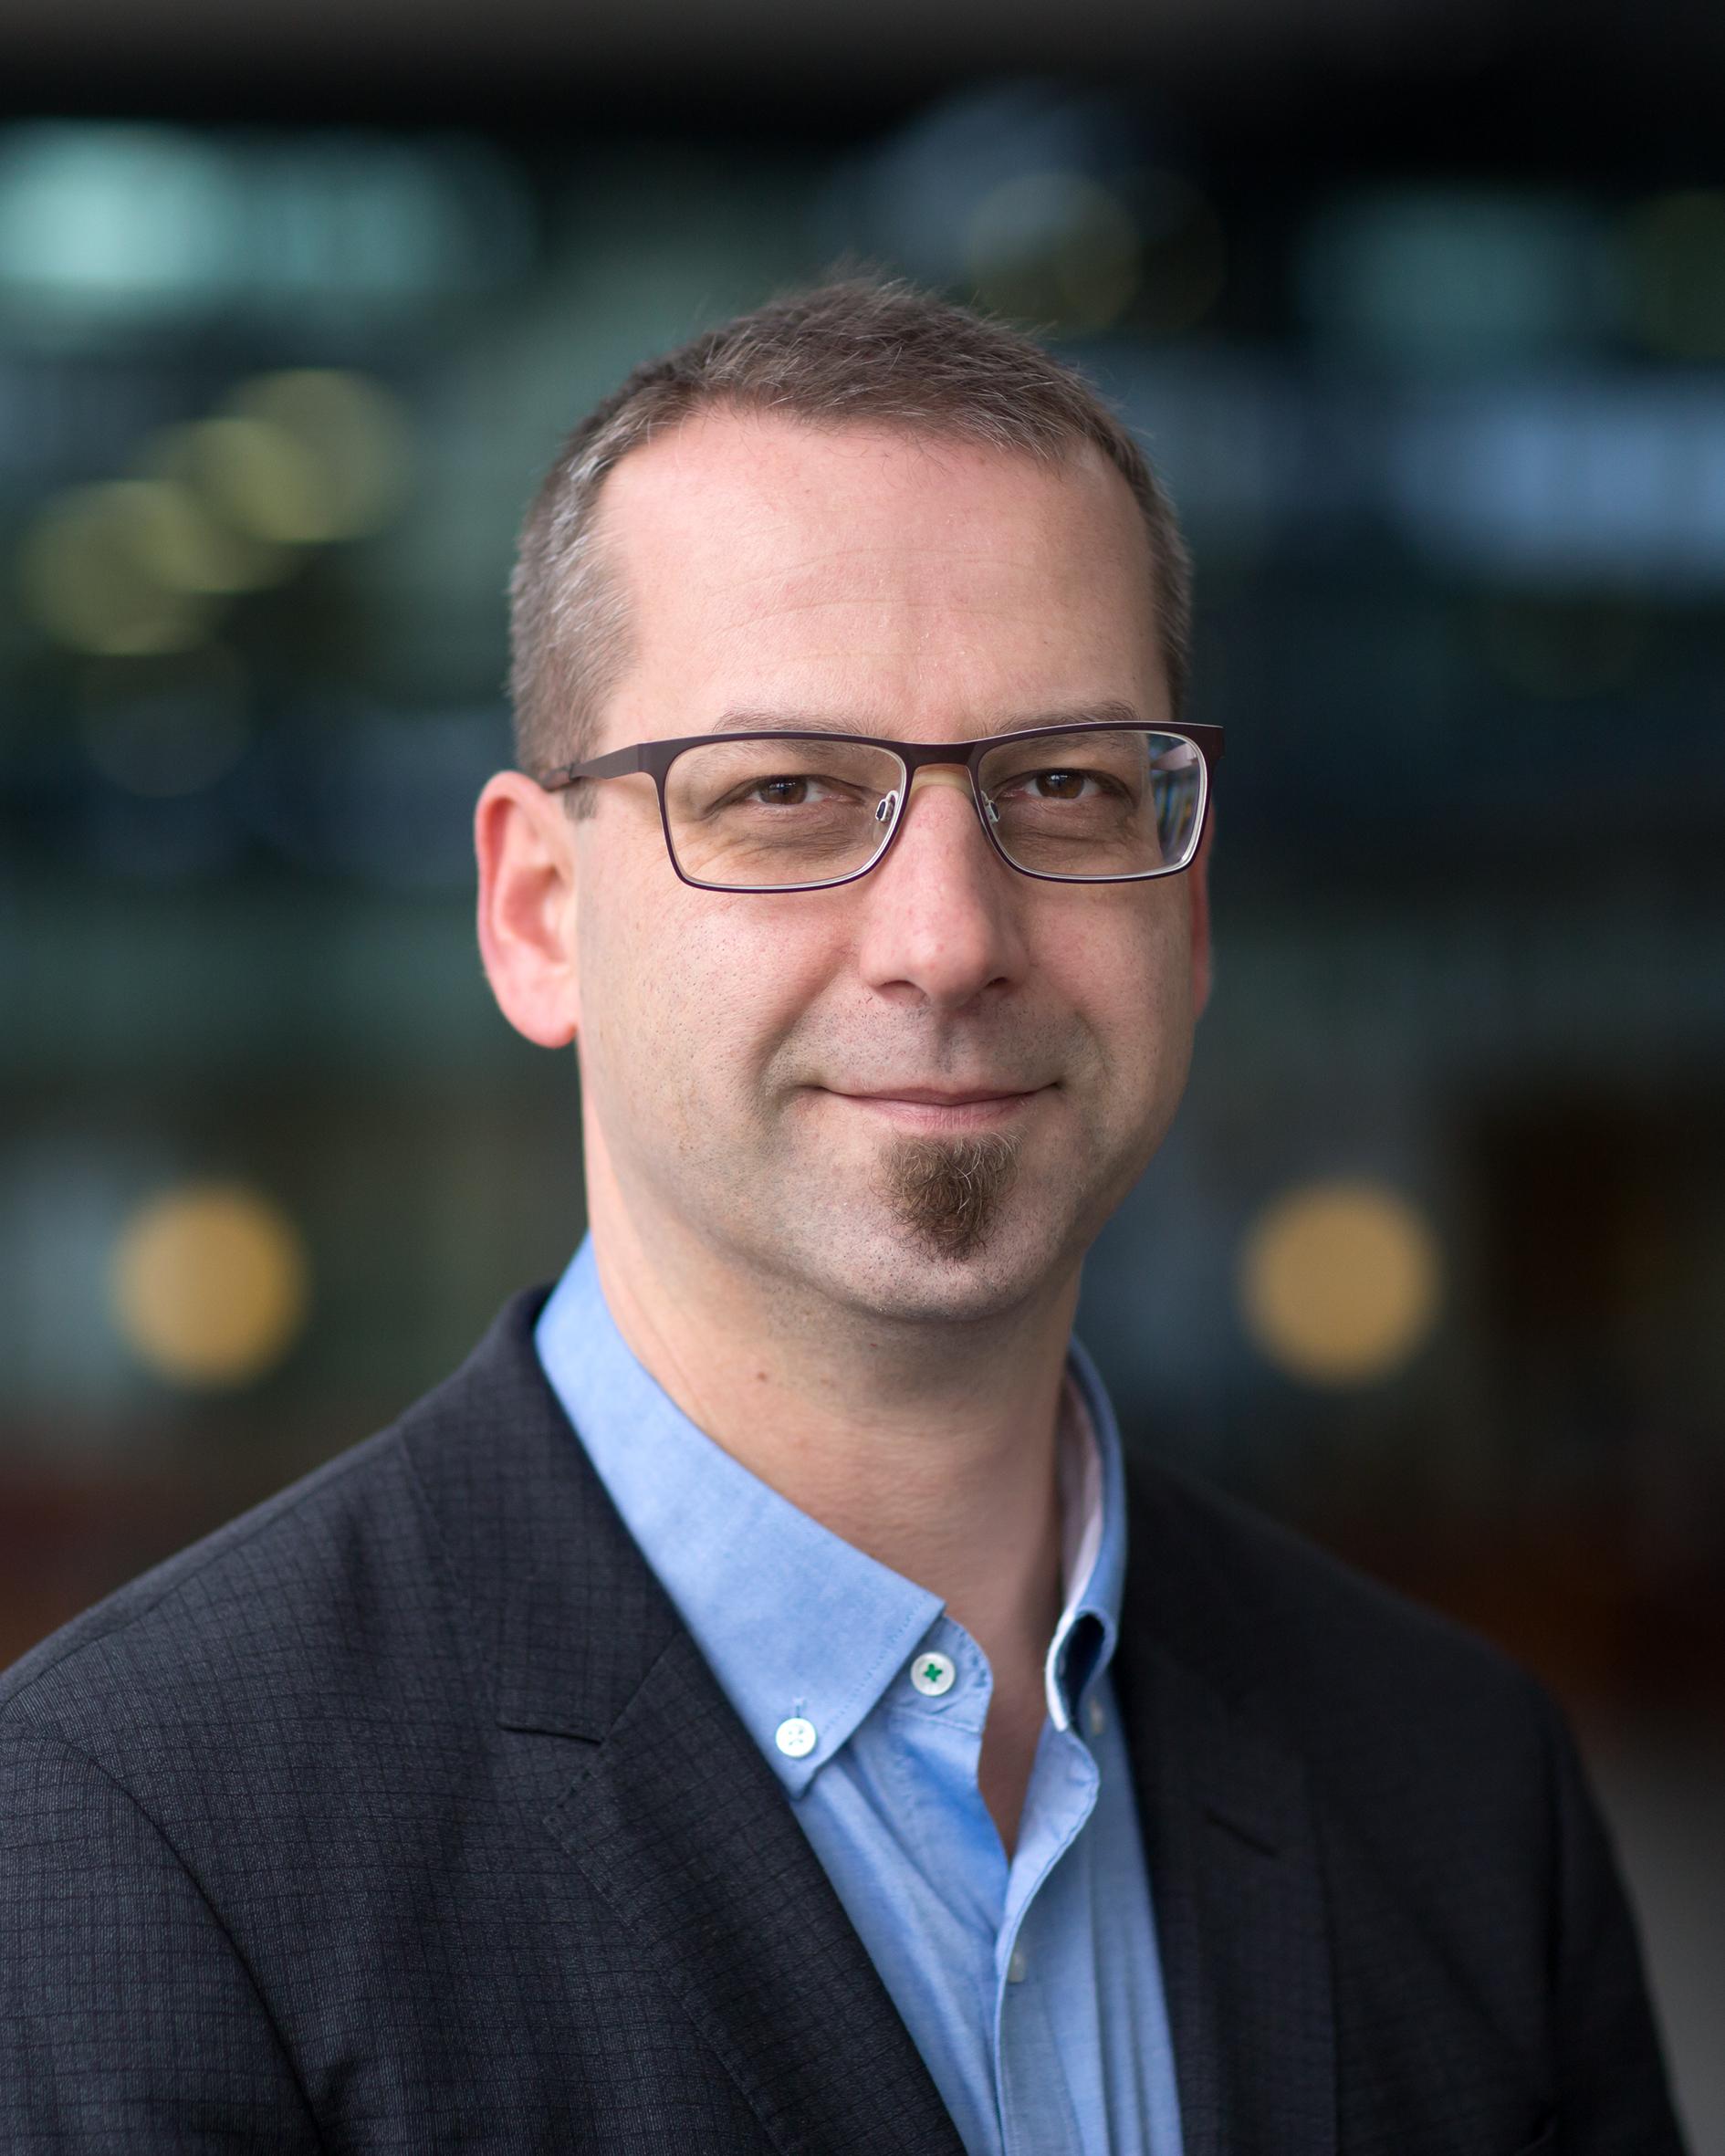 Dr. Heiner Friedrich